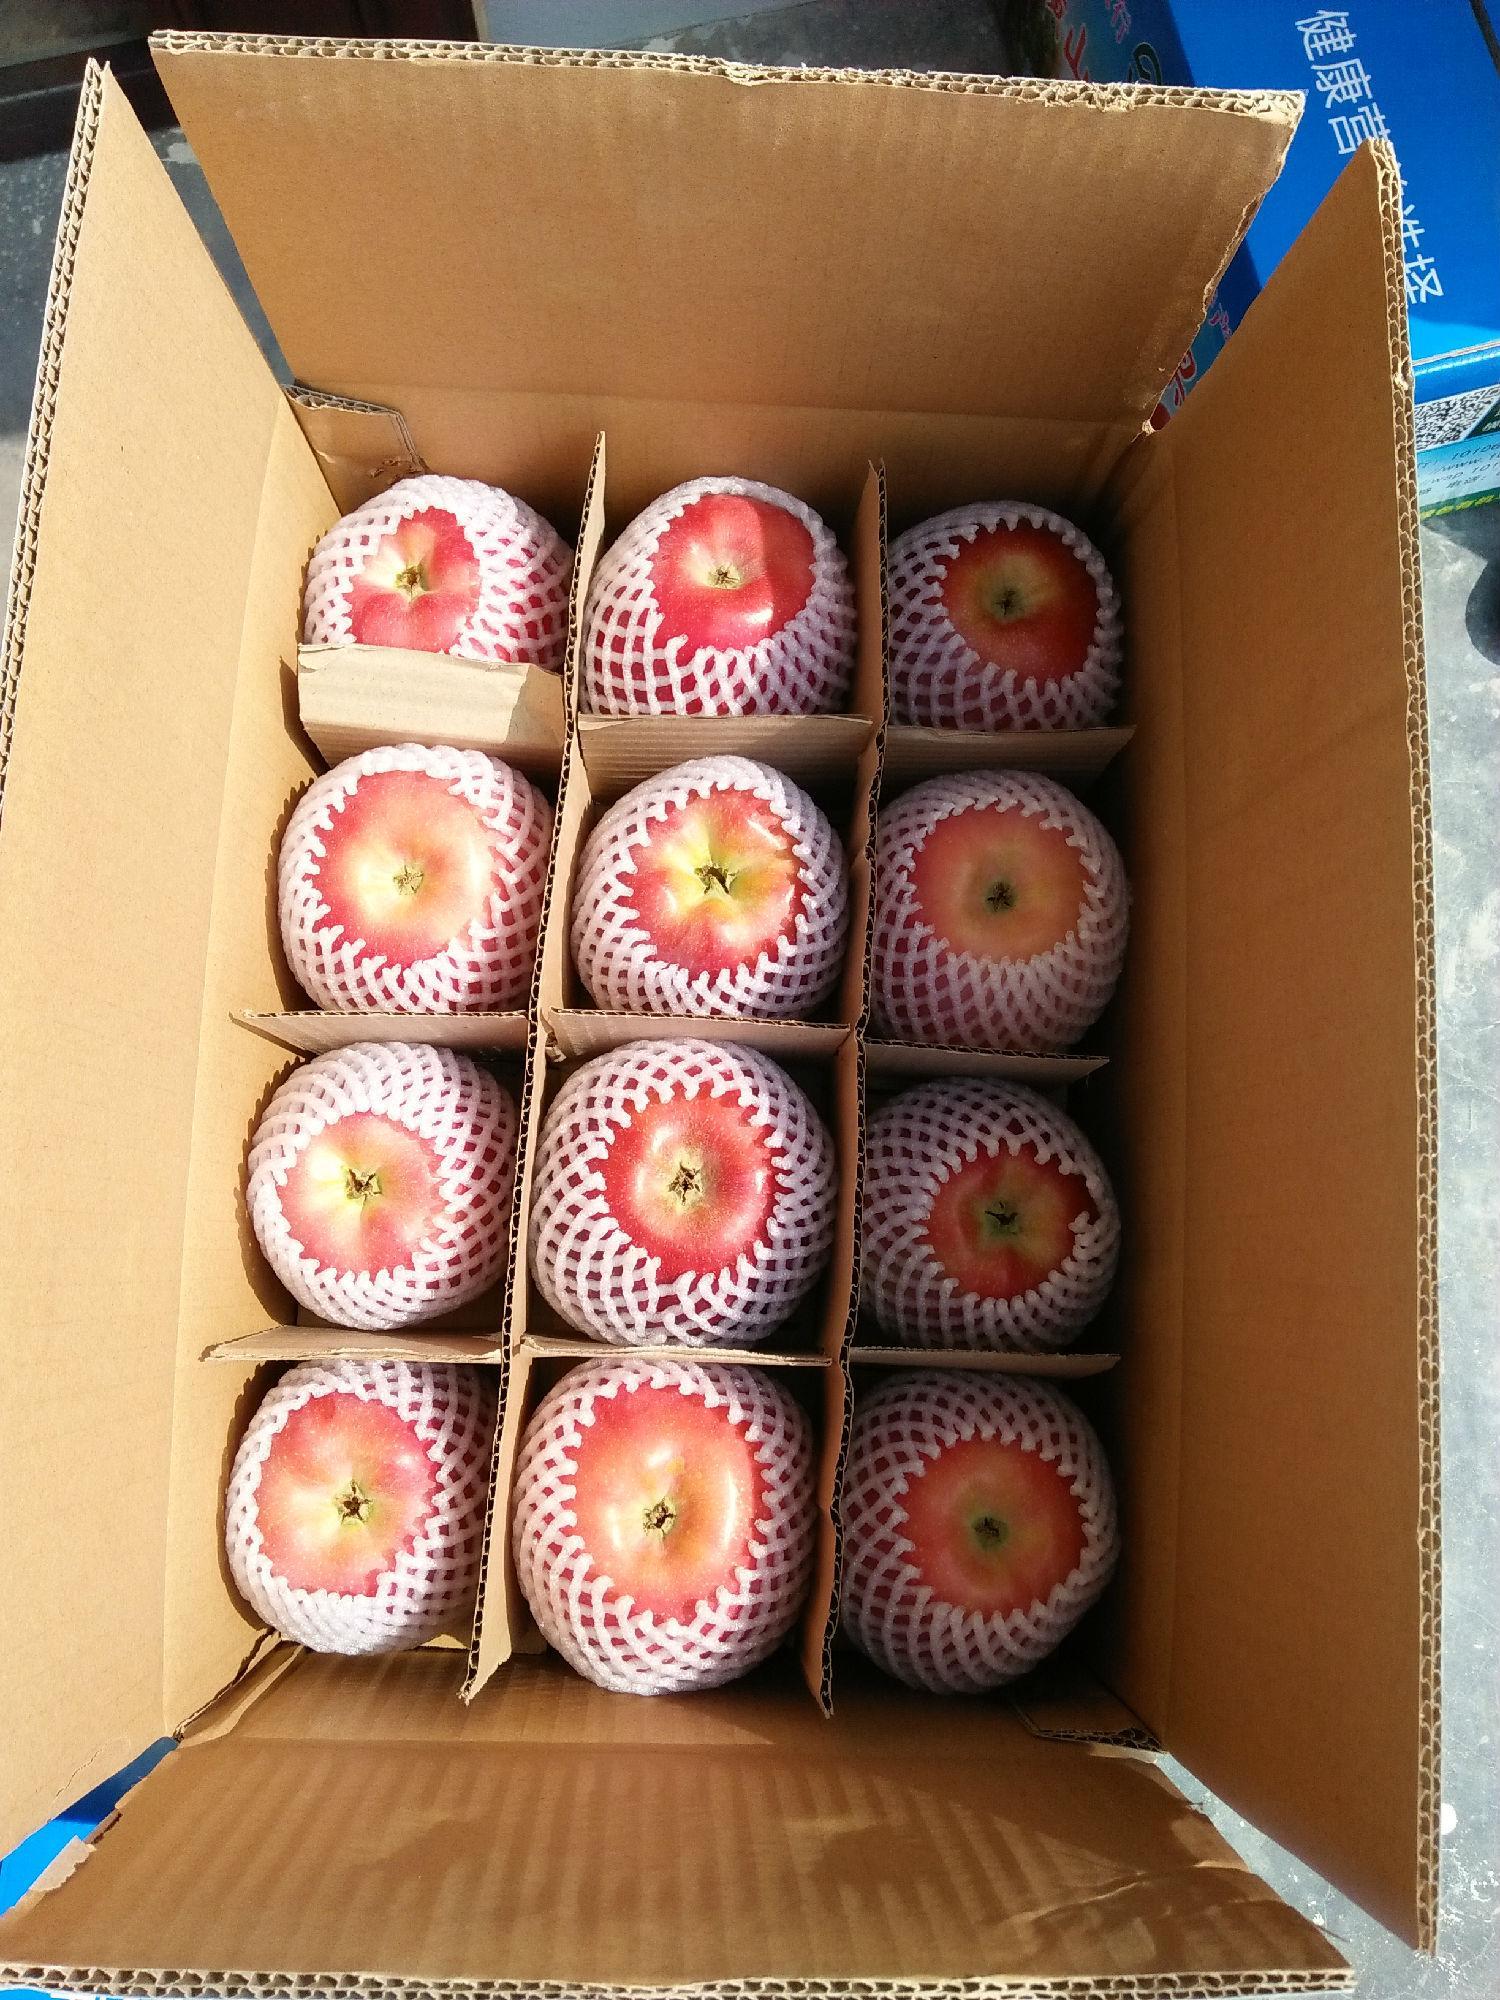 延安市宝塔区副区长王文忠回到家乡检查指导山地苹果